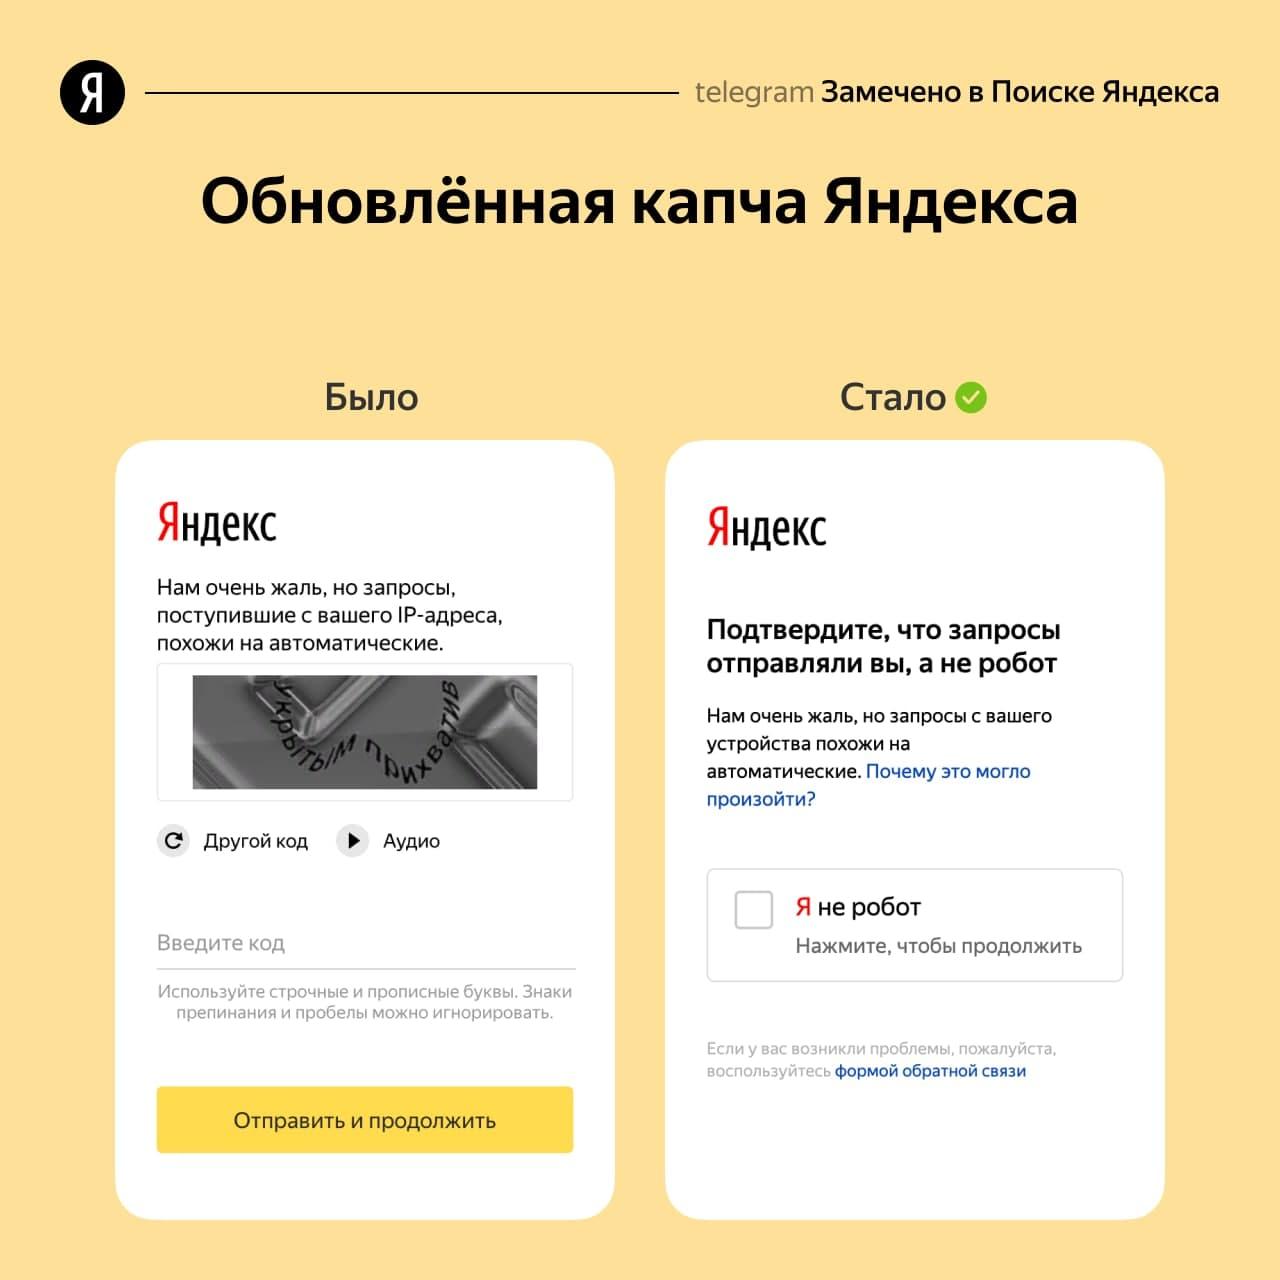 «Яндекс» обновил капчу